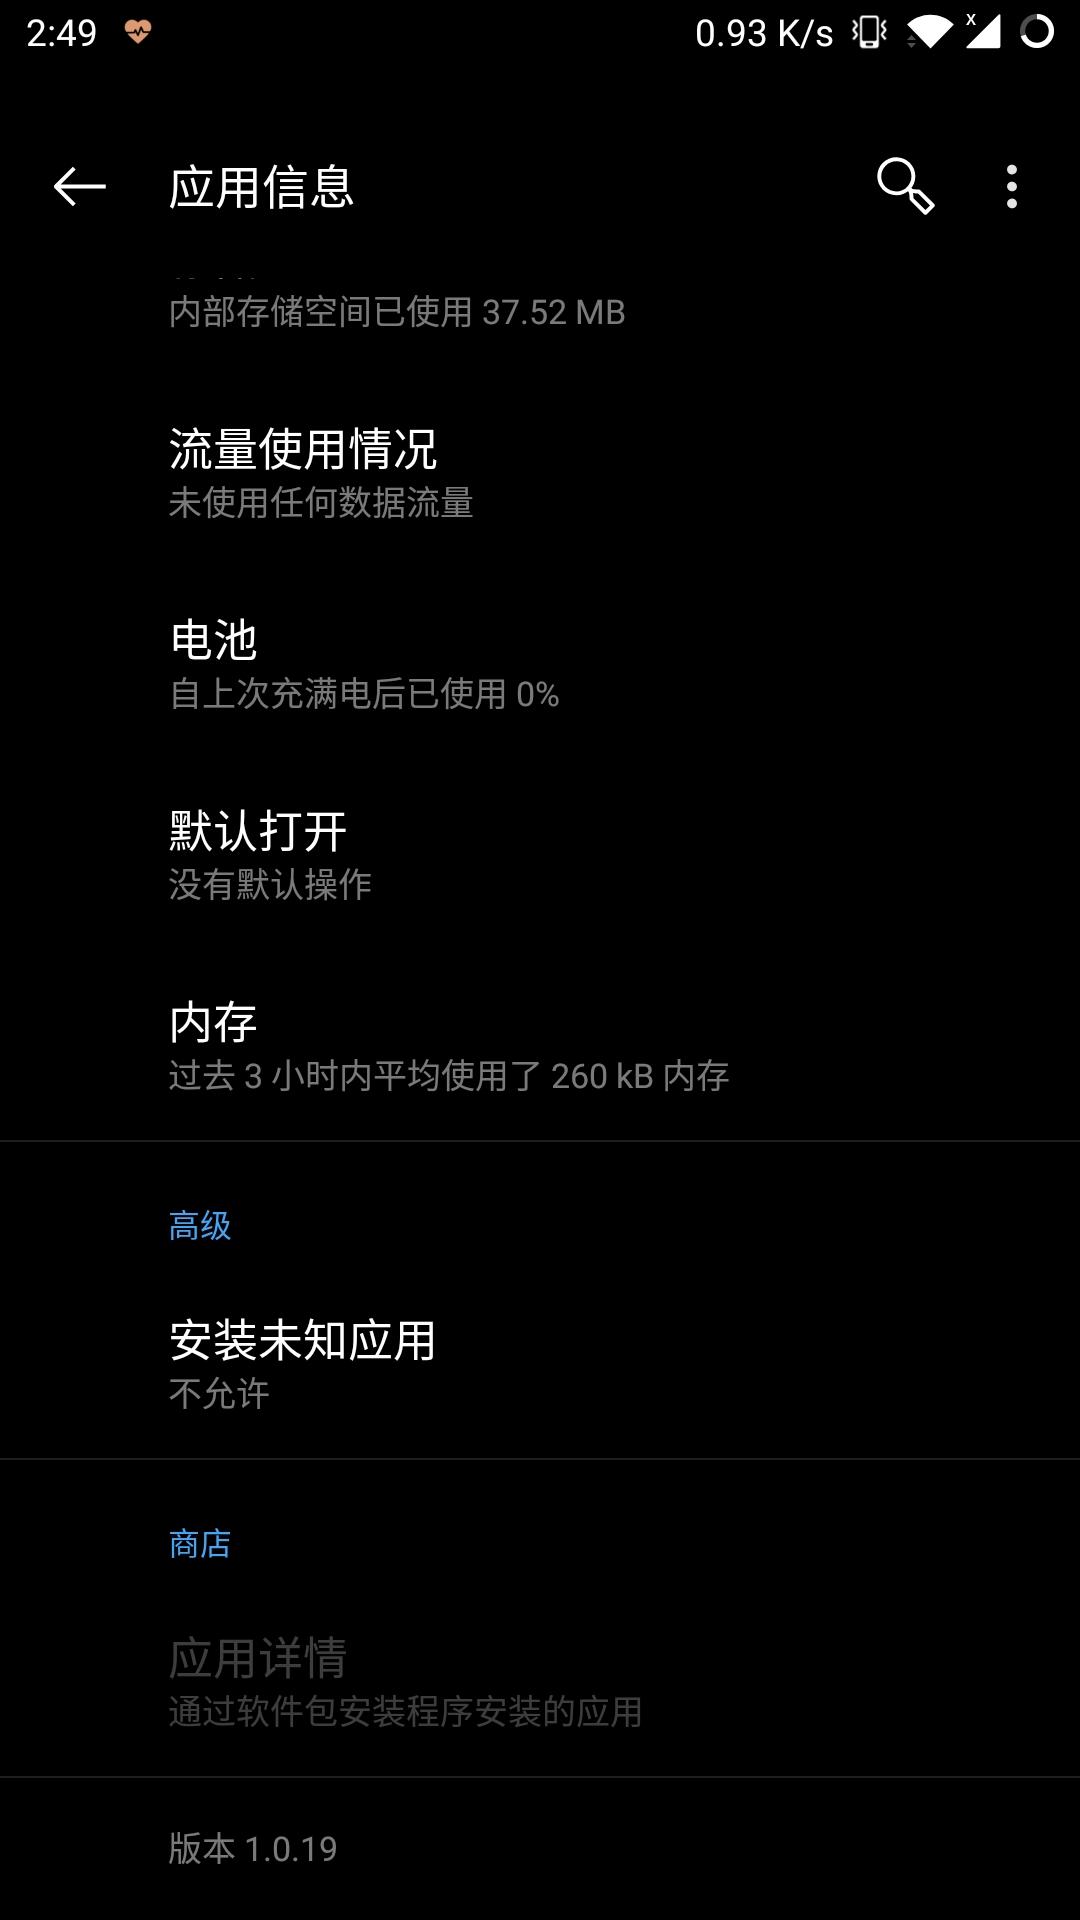 Screenshot_20190727-144957.jpg